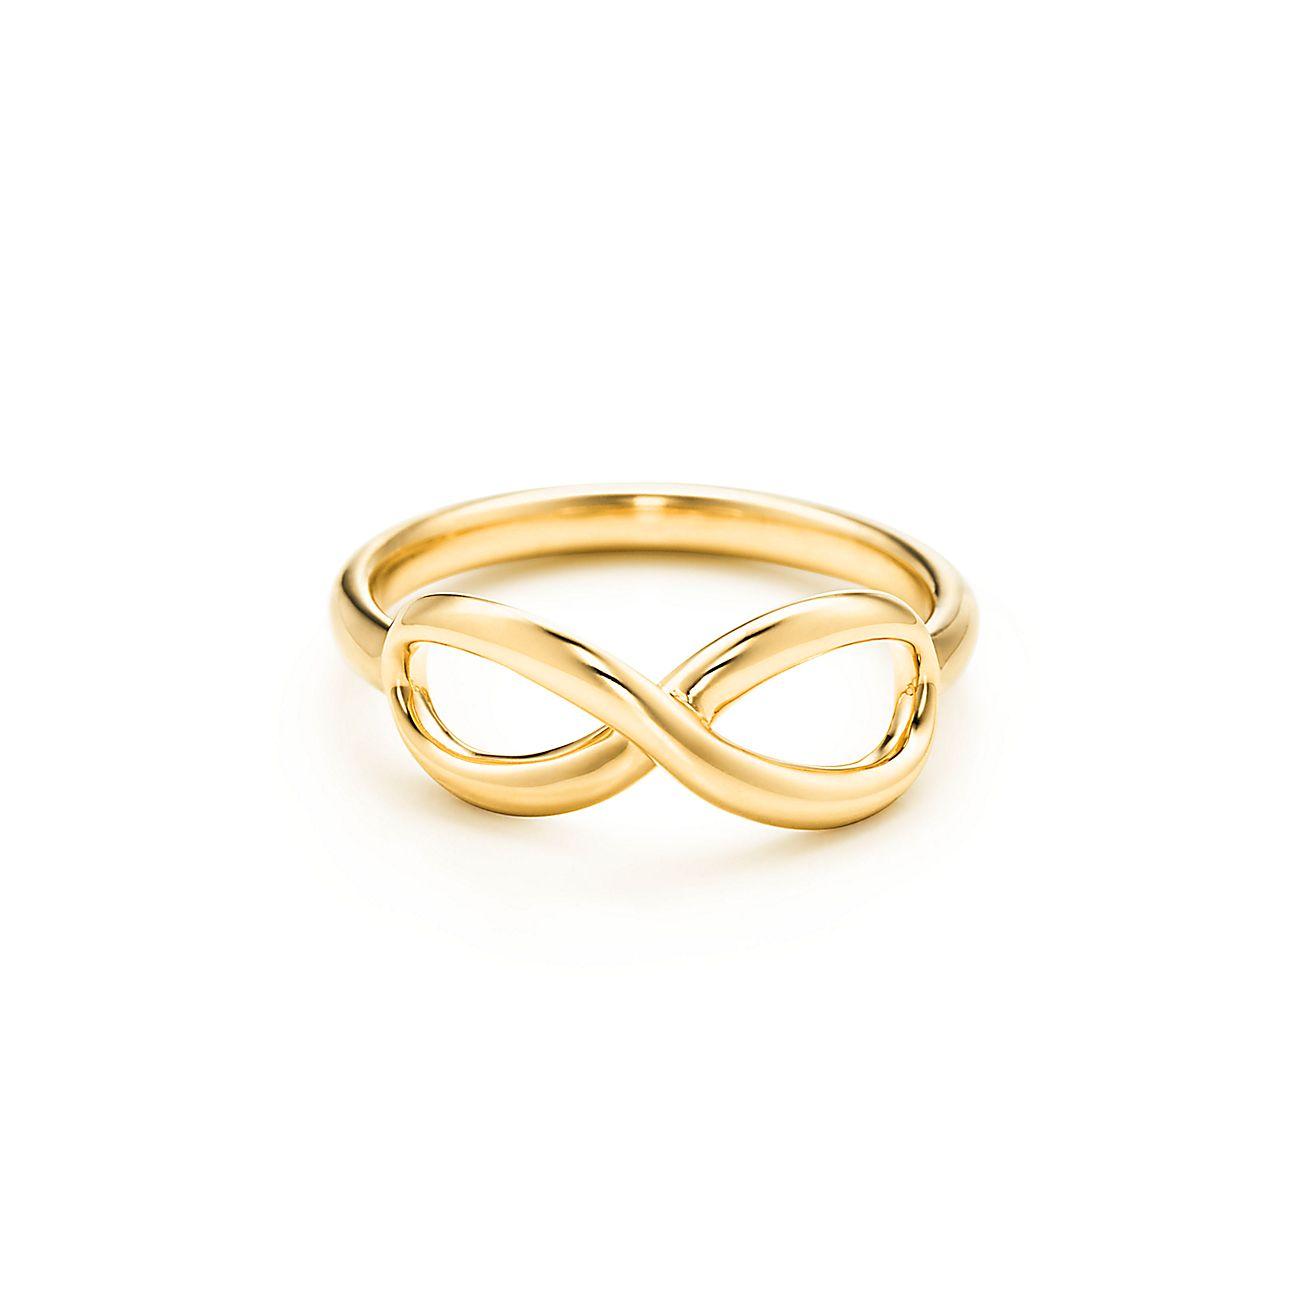 Tiffany Infinity ring in 18k gold | Tiffany & Co.